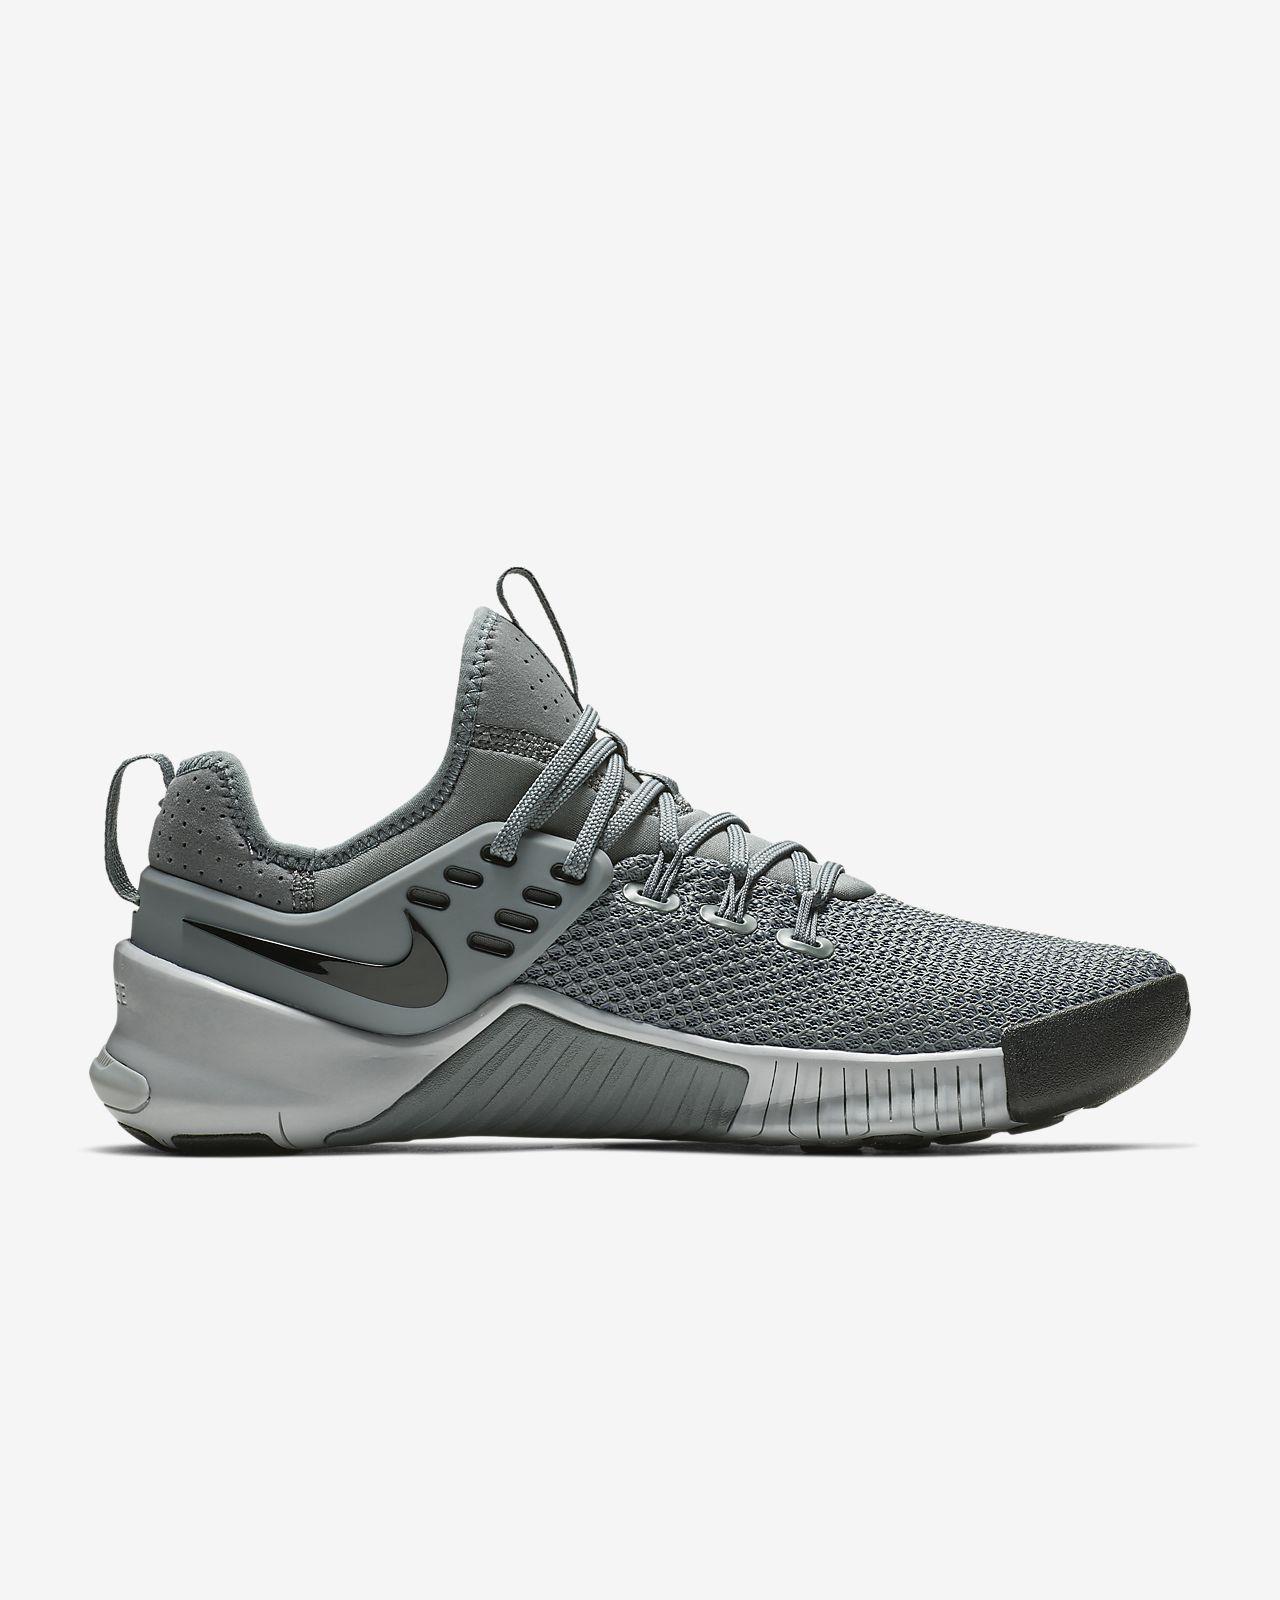 competitive price 57f8f 55dd5 ... Sko för crosstraining och tyngdlyftning Nike Free x Metcon